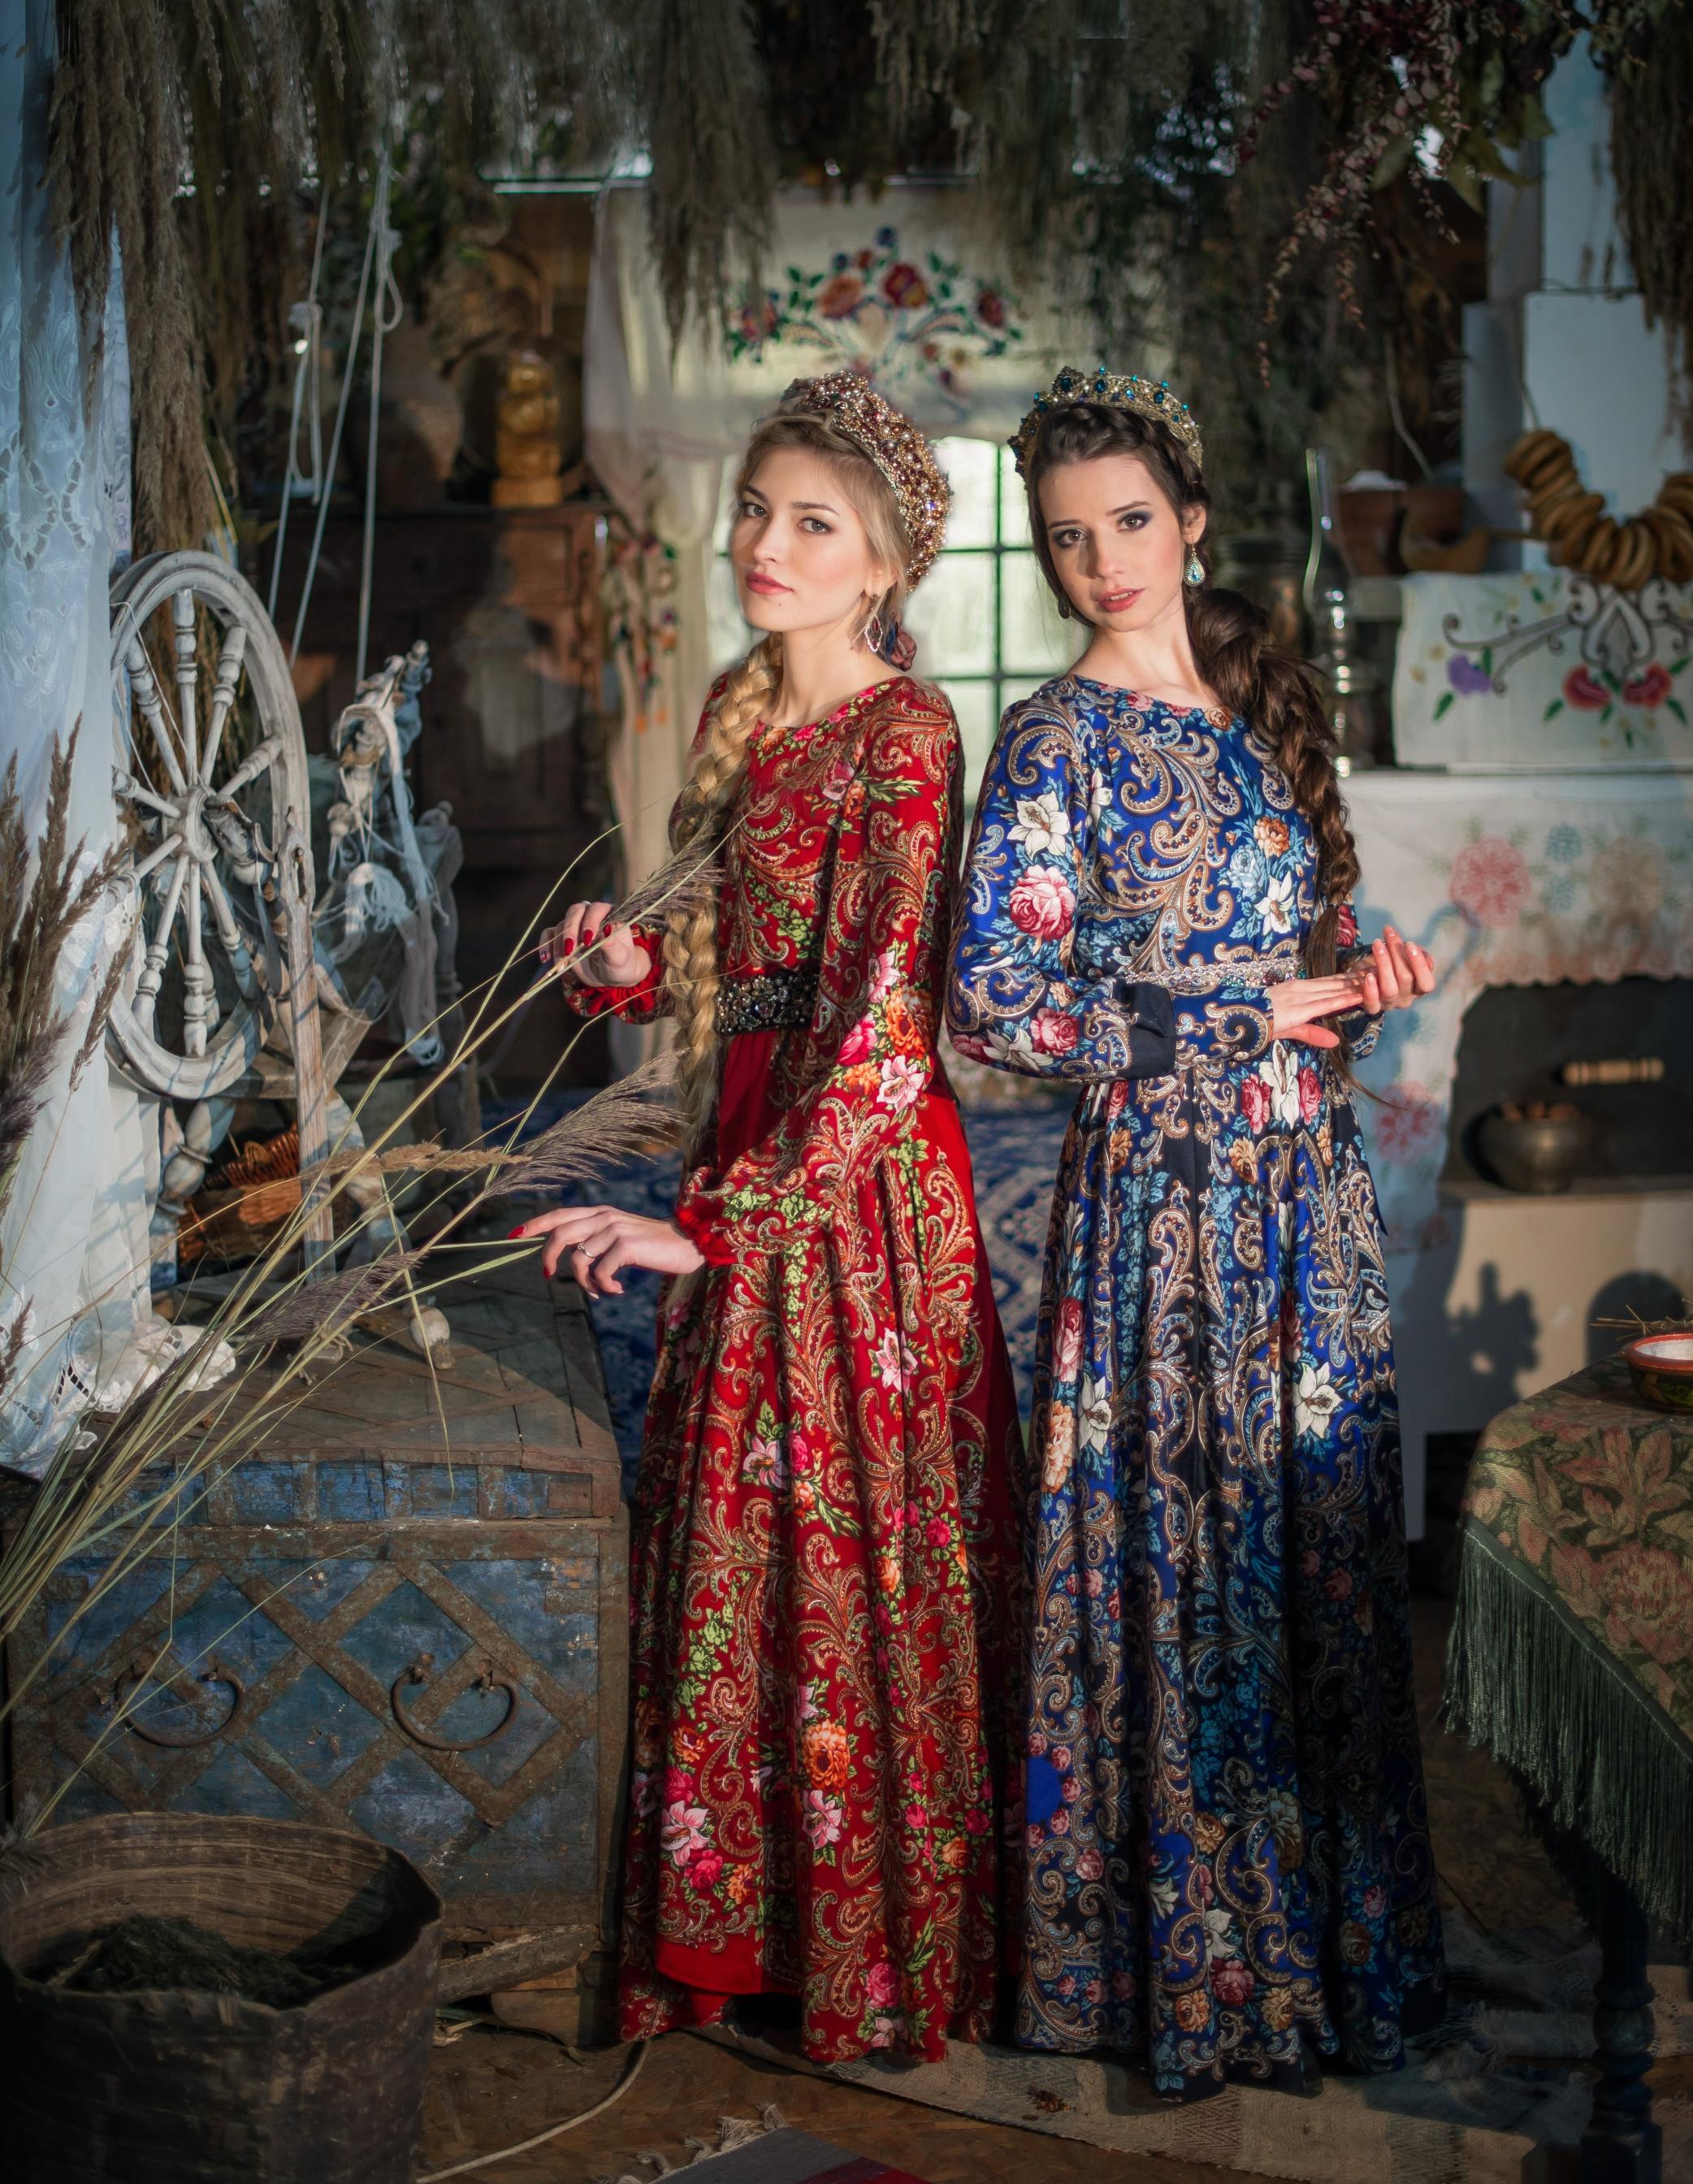 Девушки в платьях из Павлопосадских платков в русской старинной избе